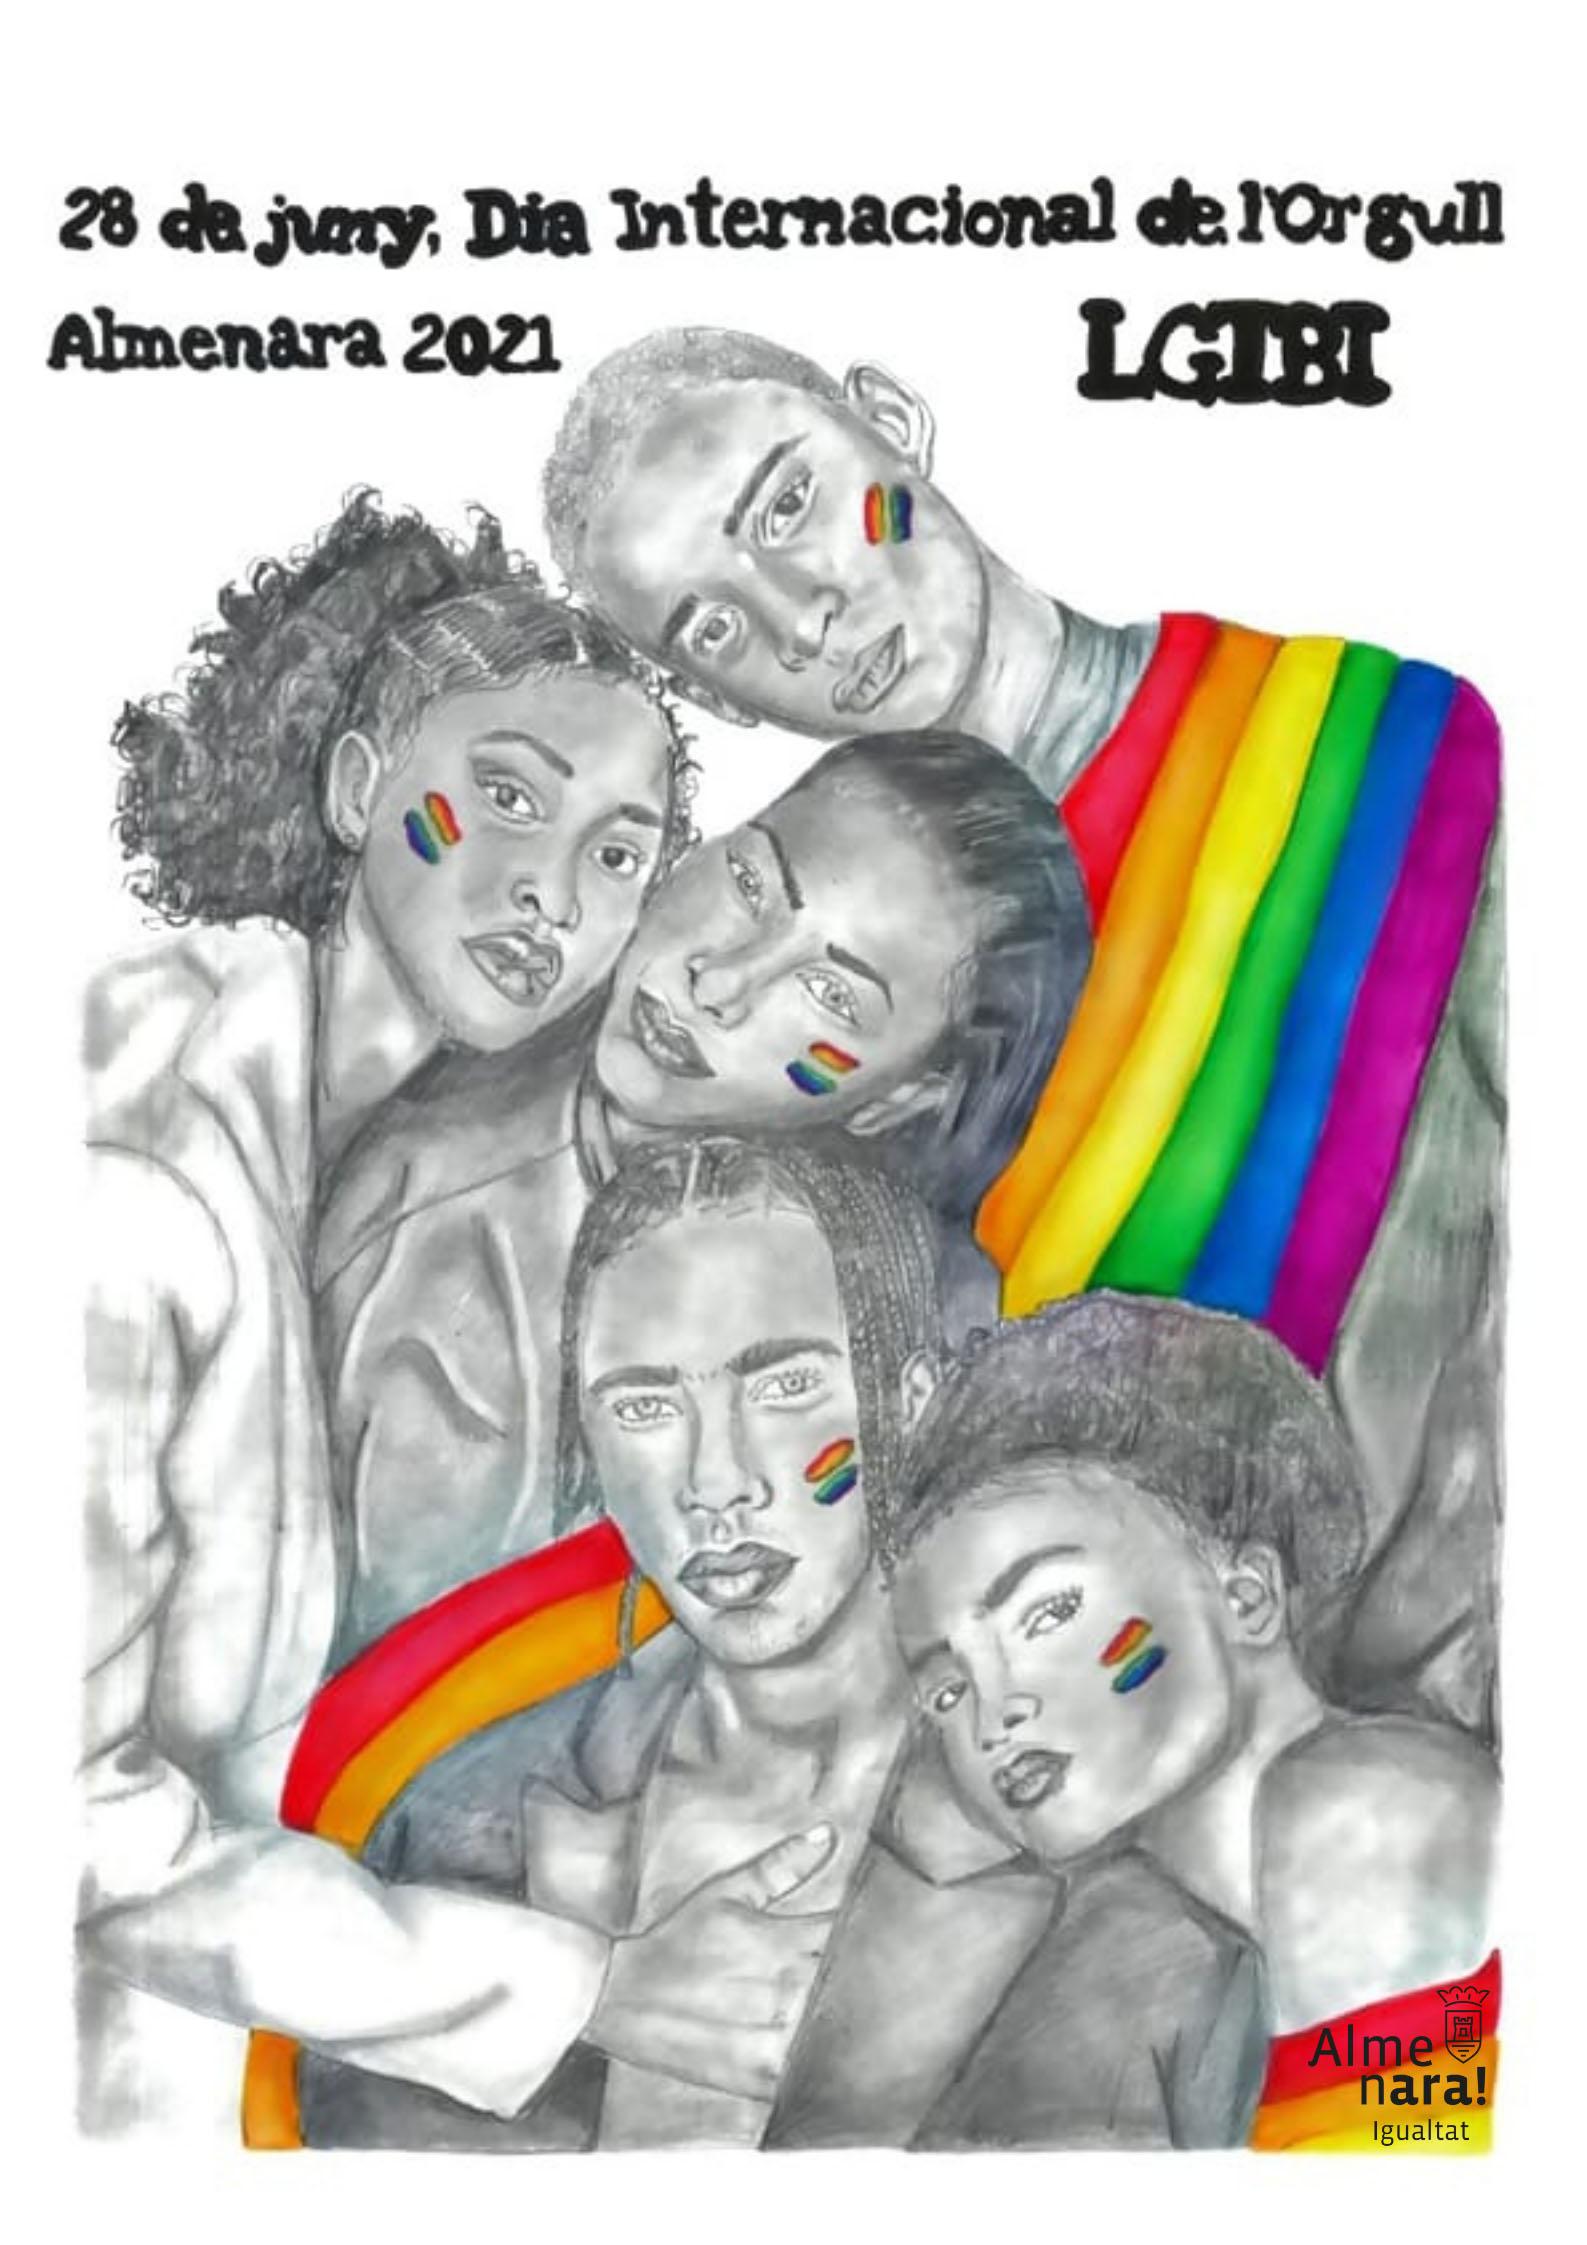 Comienza la programación 'Almenara amb orgull' para conmemorar el Día Internacional del Orgullo LGTBI